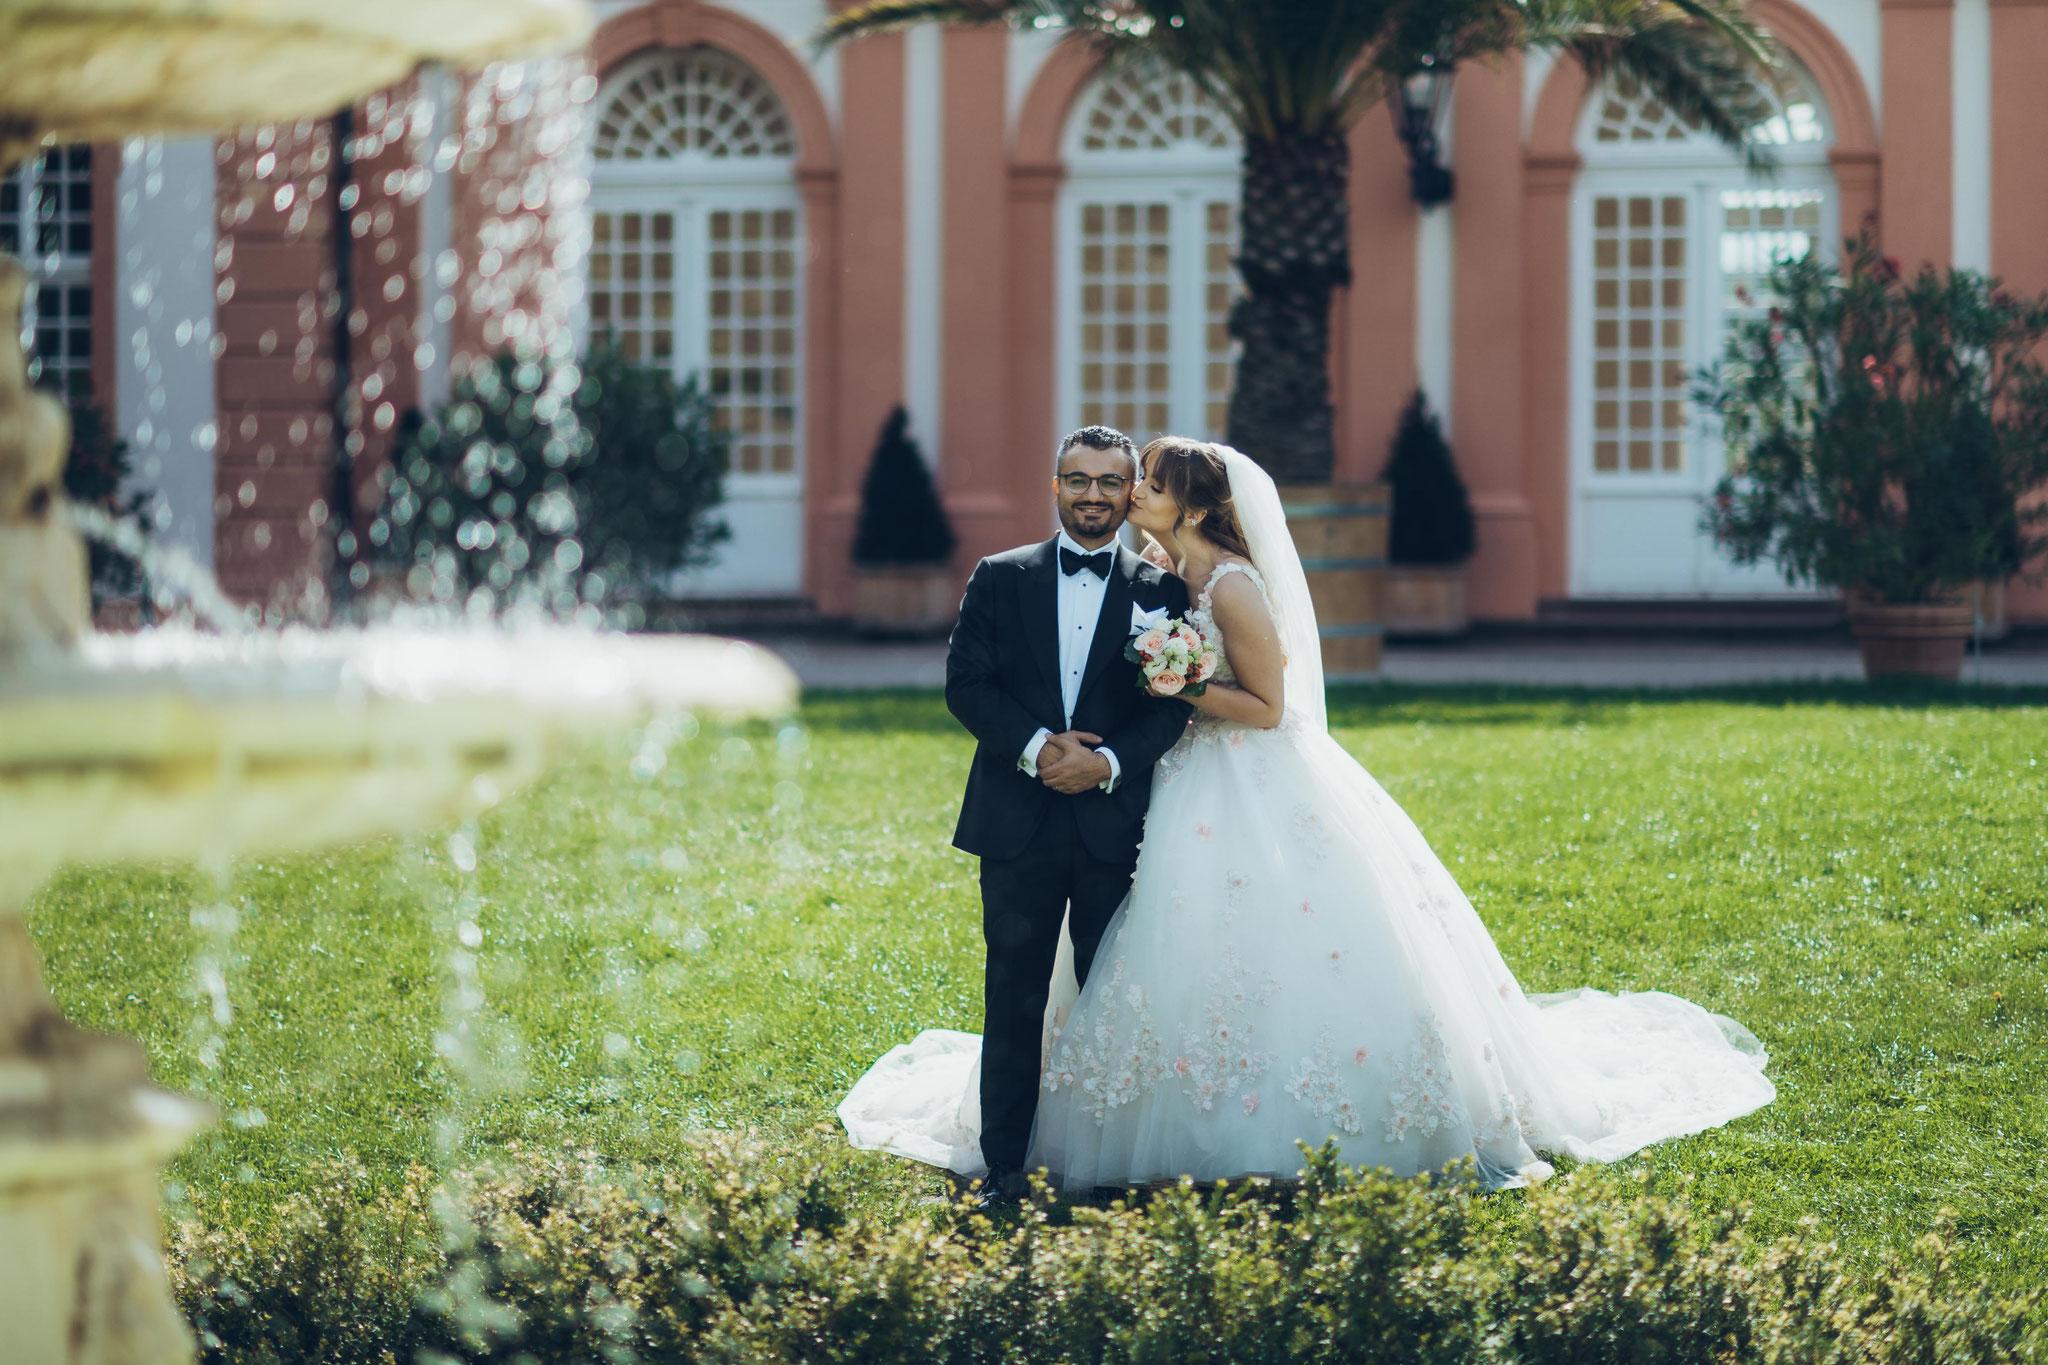 Brautpaar Aufnahmen in Verbindung mit dem Brunnen und Wasser